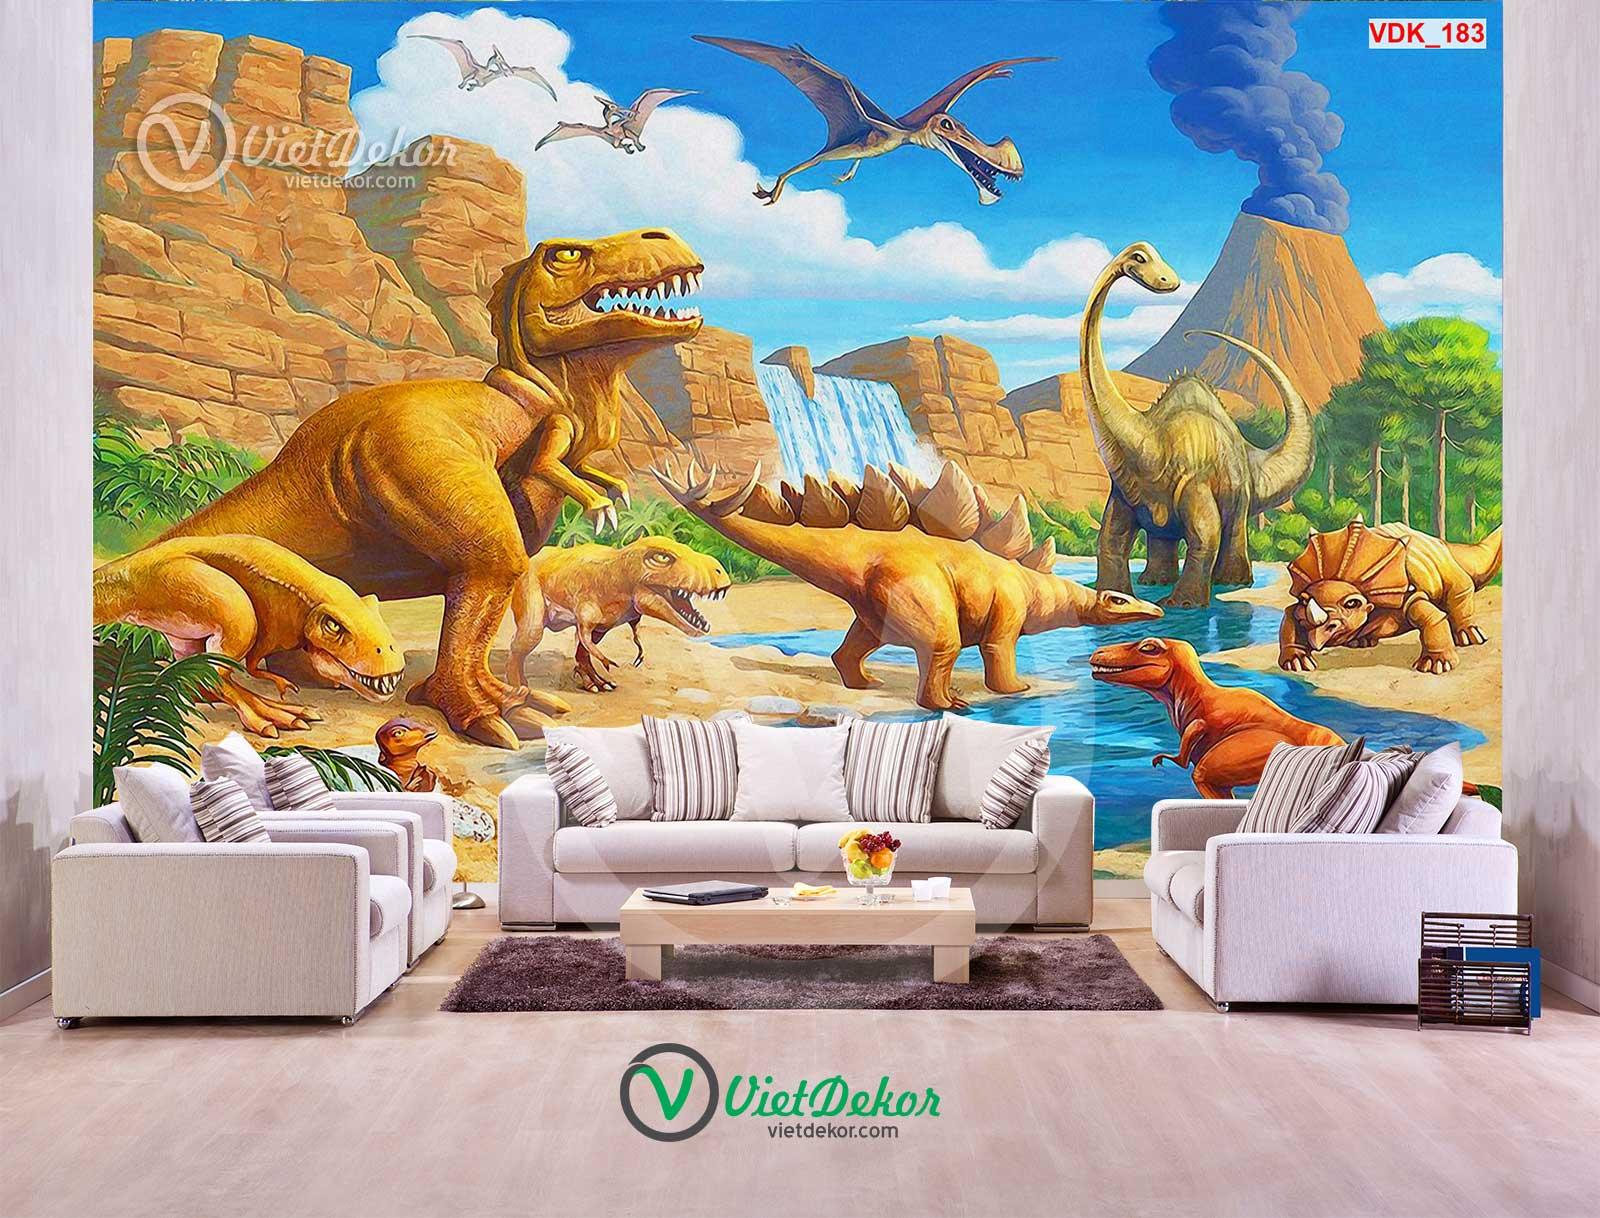 Tranh dán tường 3d khủng long cho trẻ em